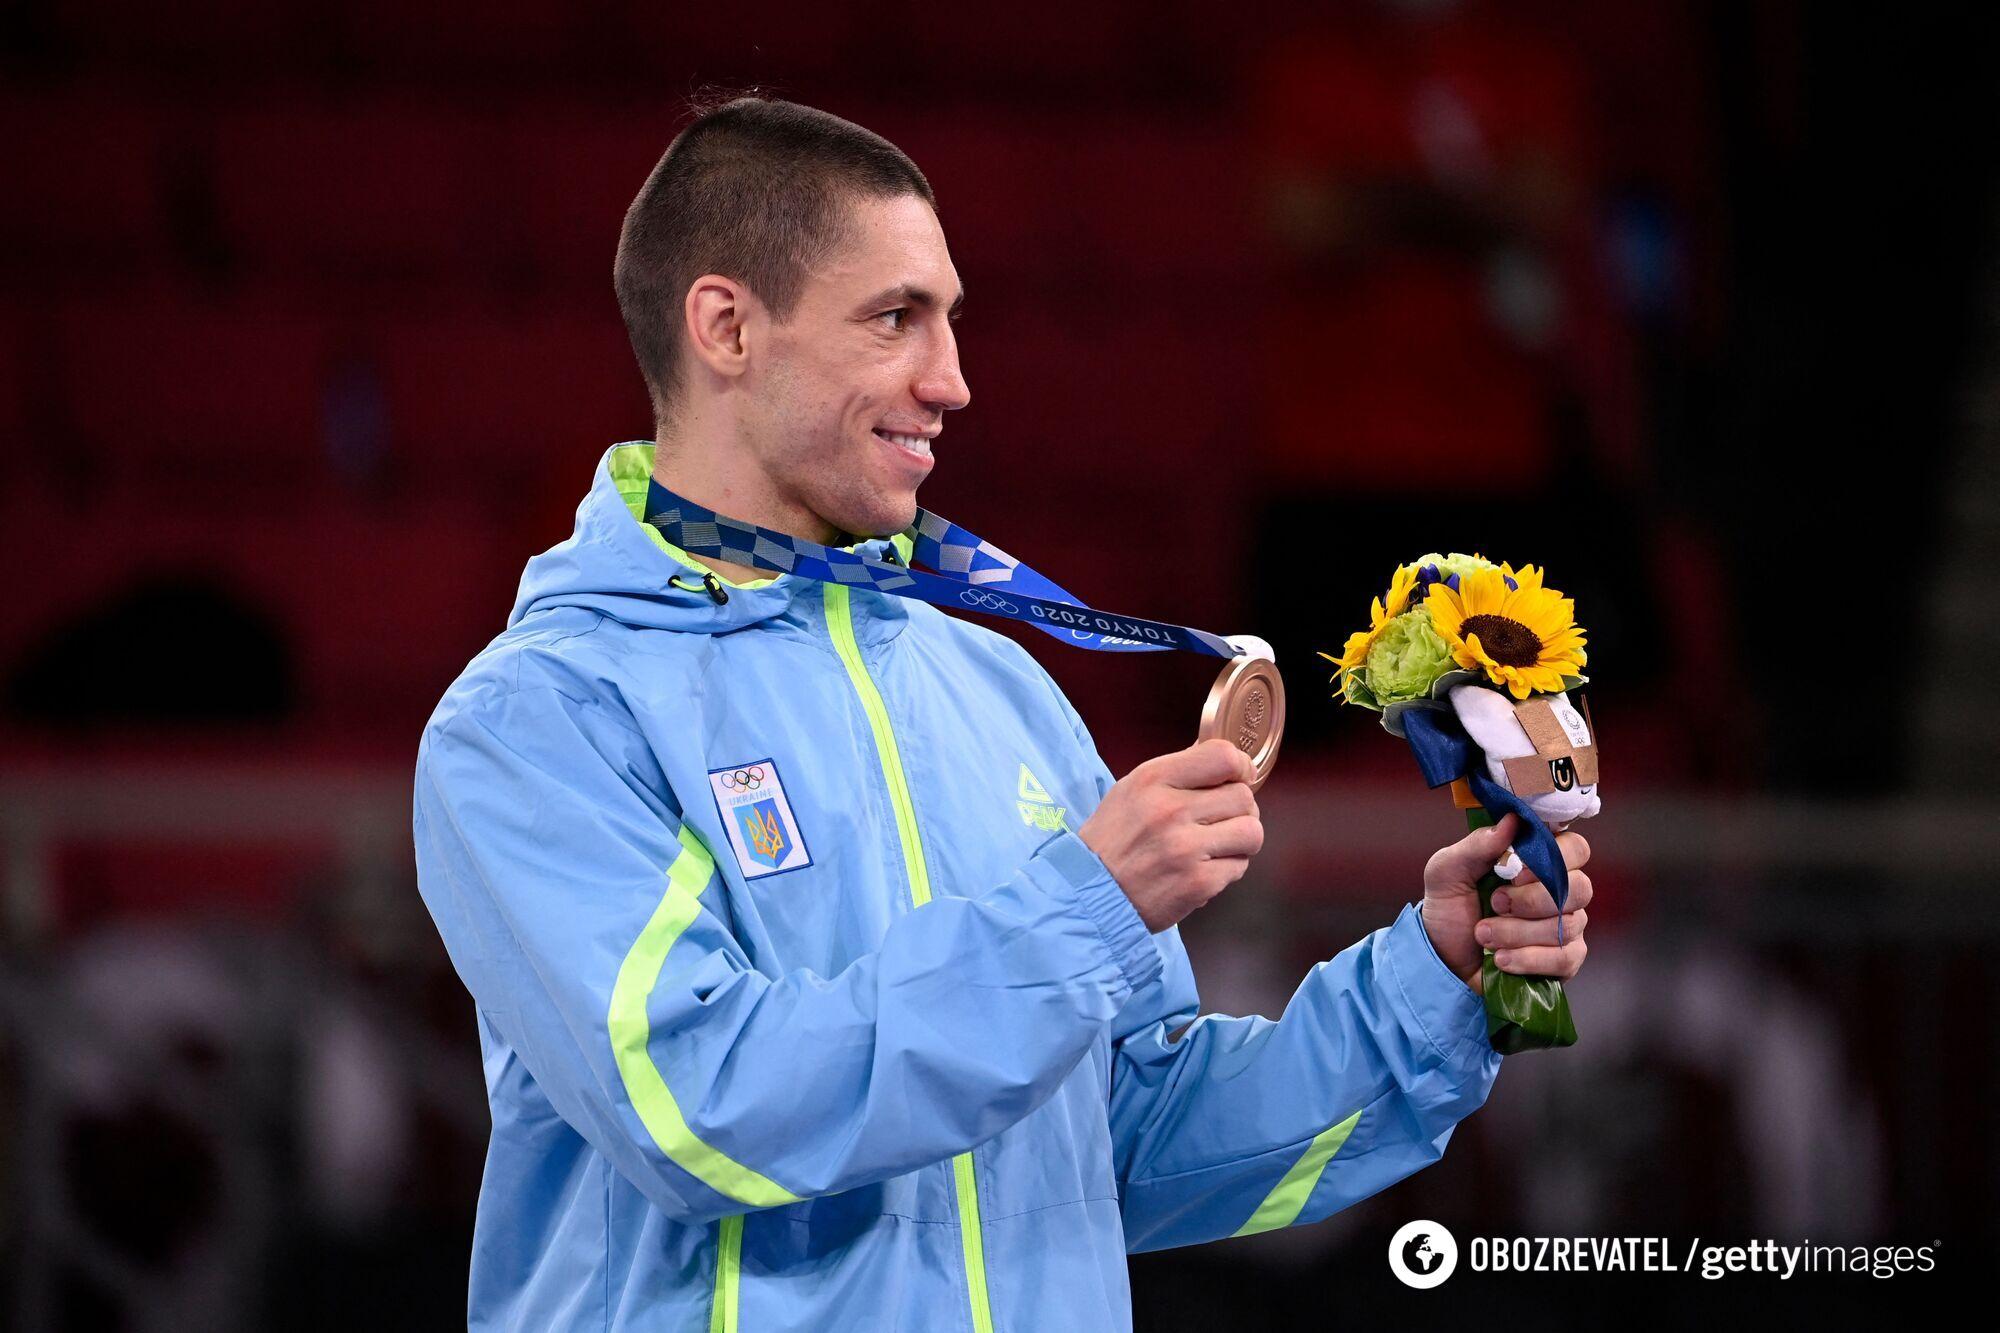 Станіслав Горуна з медаллю.